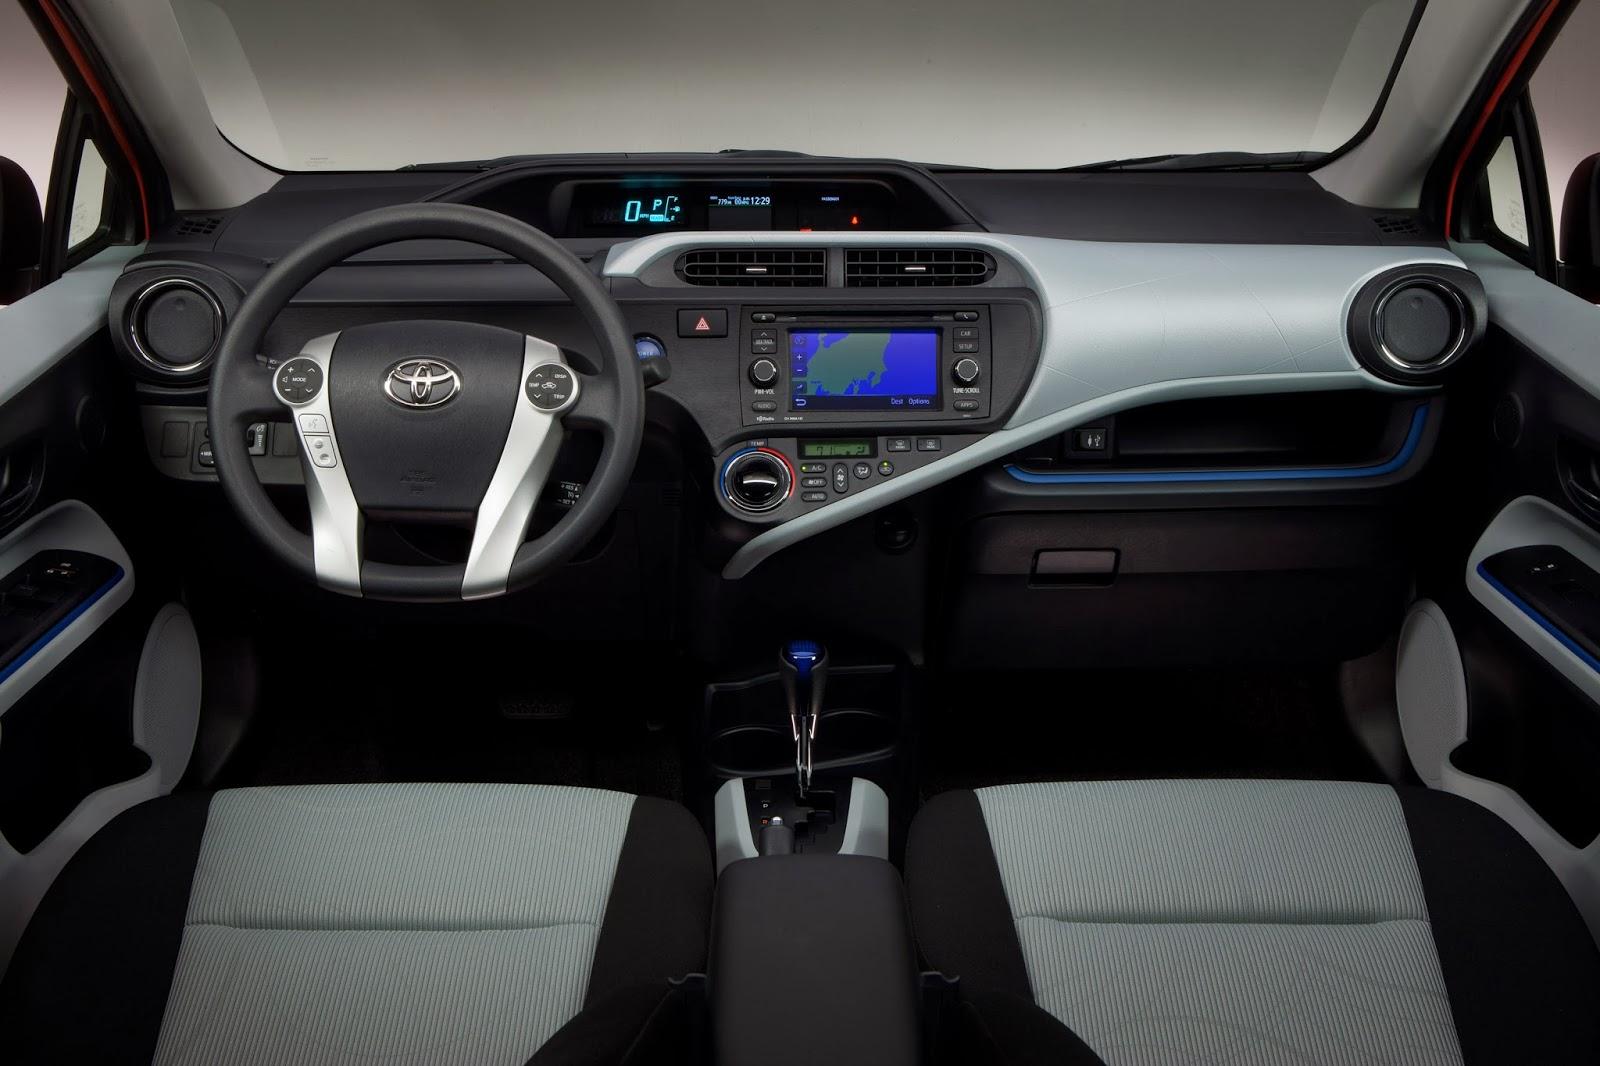 Interior of Toyota Prius C